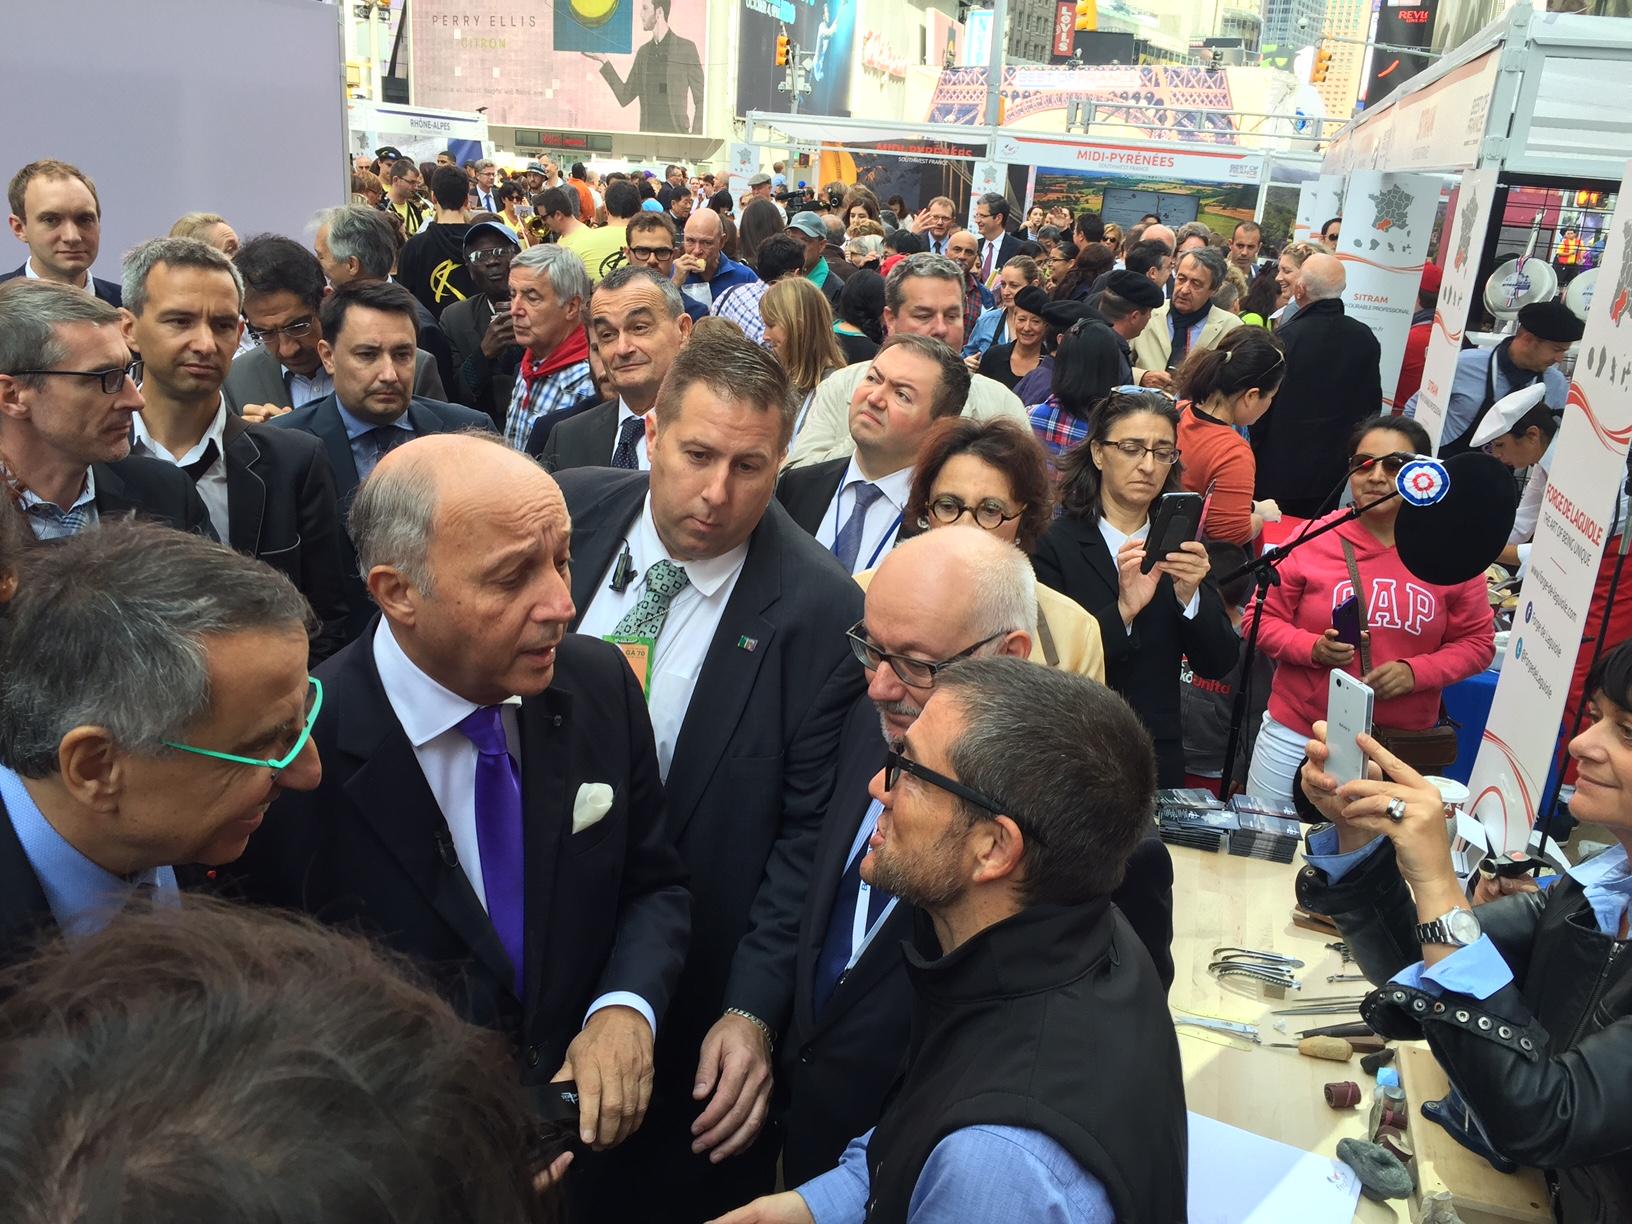 Le ministre Laurent Fabius a reçu un Laguiole 100% made in France des mains de Thierry Moysset.